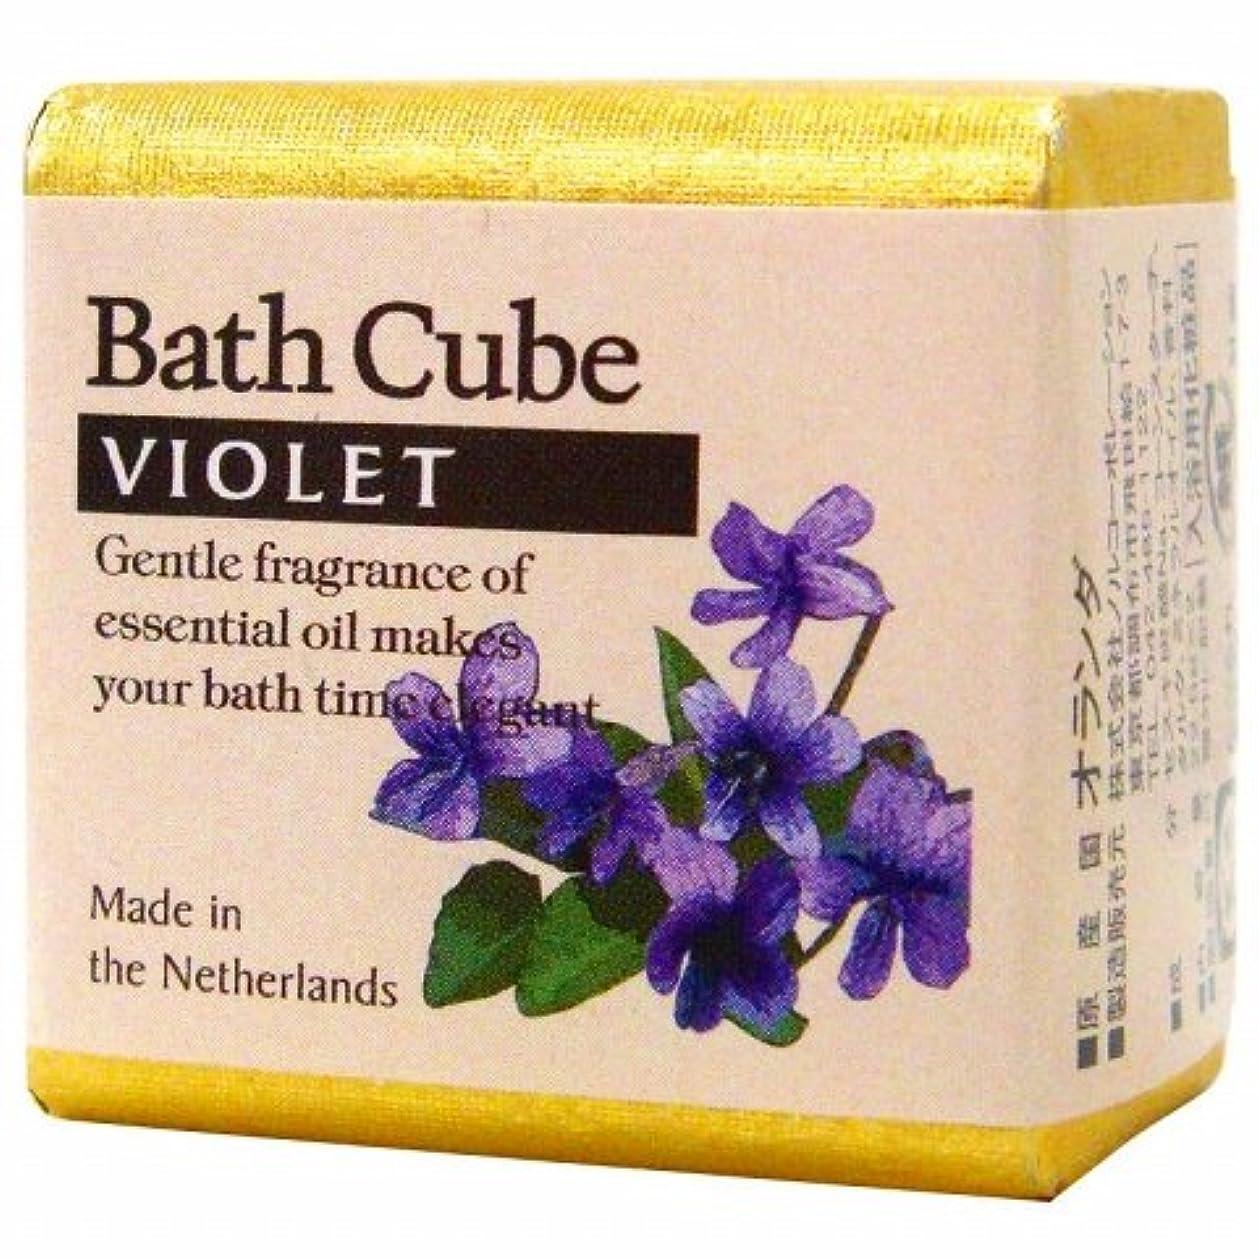 ログ塊スワップフレグランスバスキューブ「バイオレット」12個セット 上品でかわいらしいすみれの香り